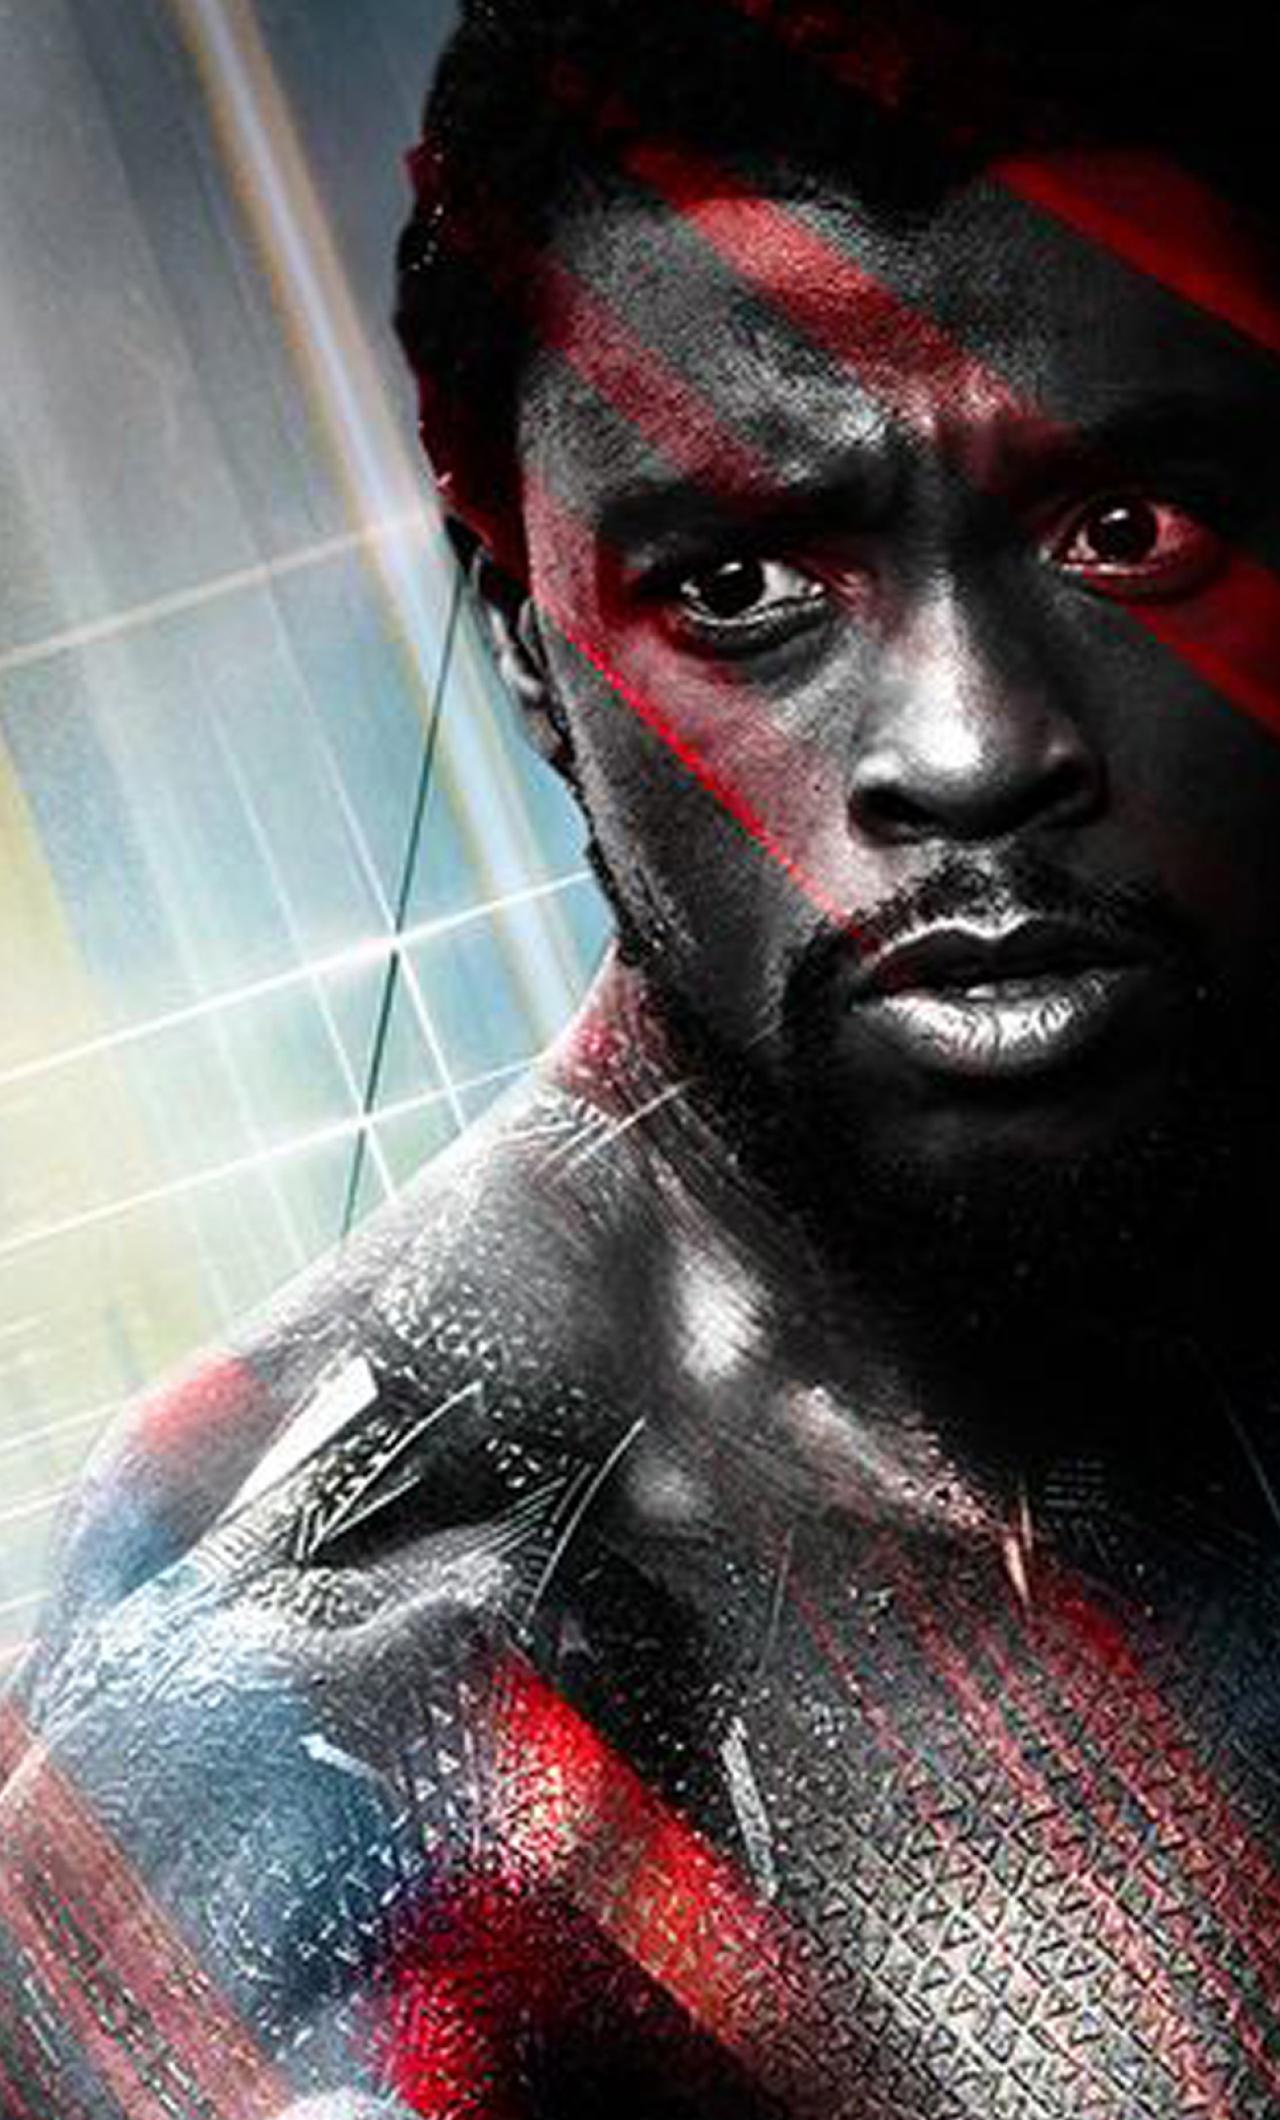 chadwick boseman as black panther 2018 movie full hd 2k